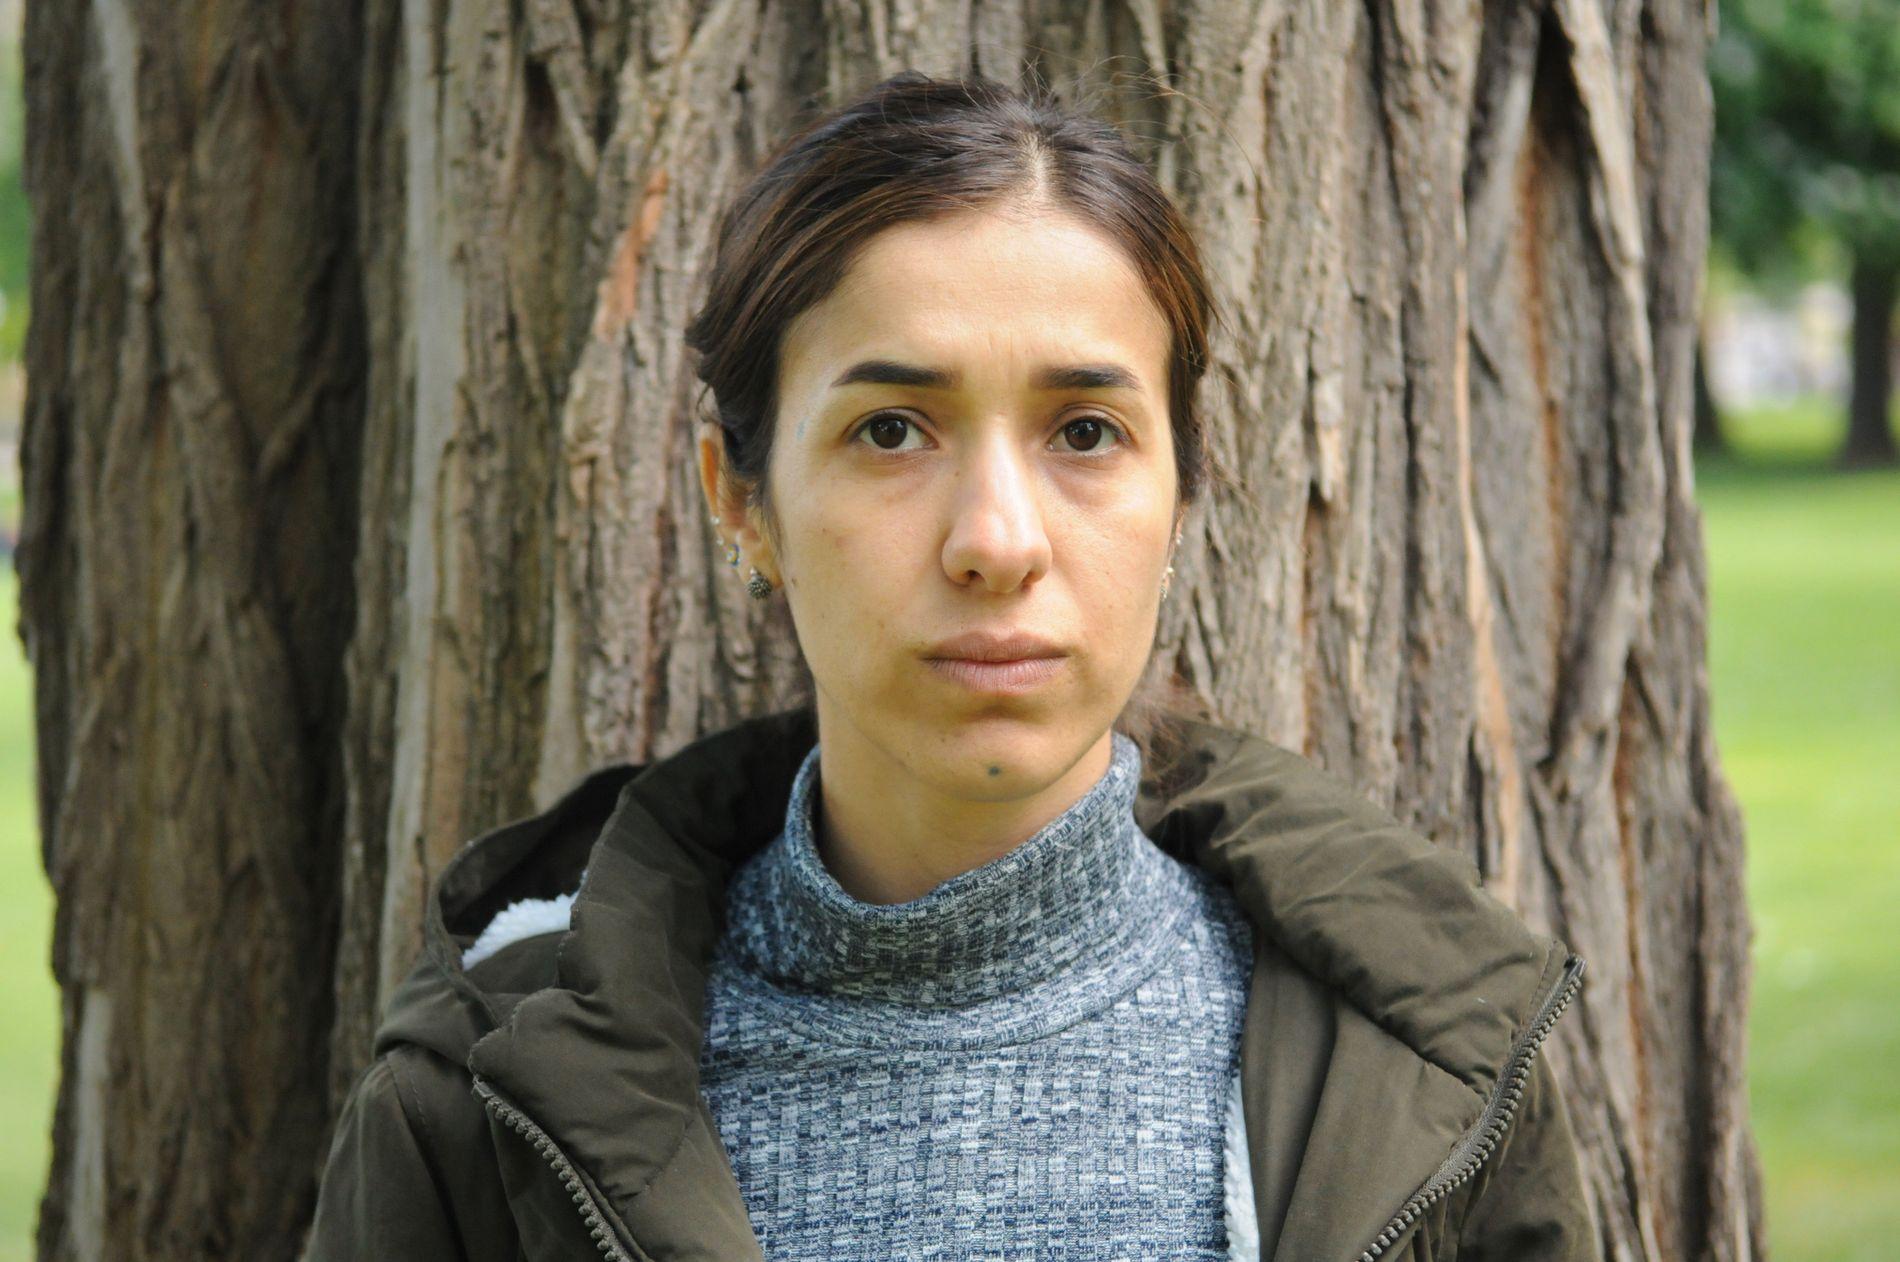 KAMPVILJE:  Tidligere IS-fange Nadia Murad møtte VG til intervju på sitt nye hjemsted i Tyskland på forsommeren 2018. Den yezidiske kvinnen fra Irak overlevde vold og overgrep hun ble utsatt for da hun ble tatt til fange og holdt som slave av terrorgruppen IS.